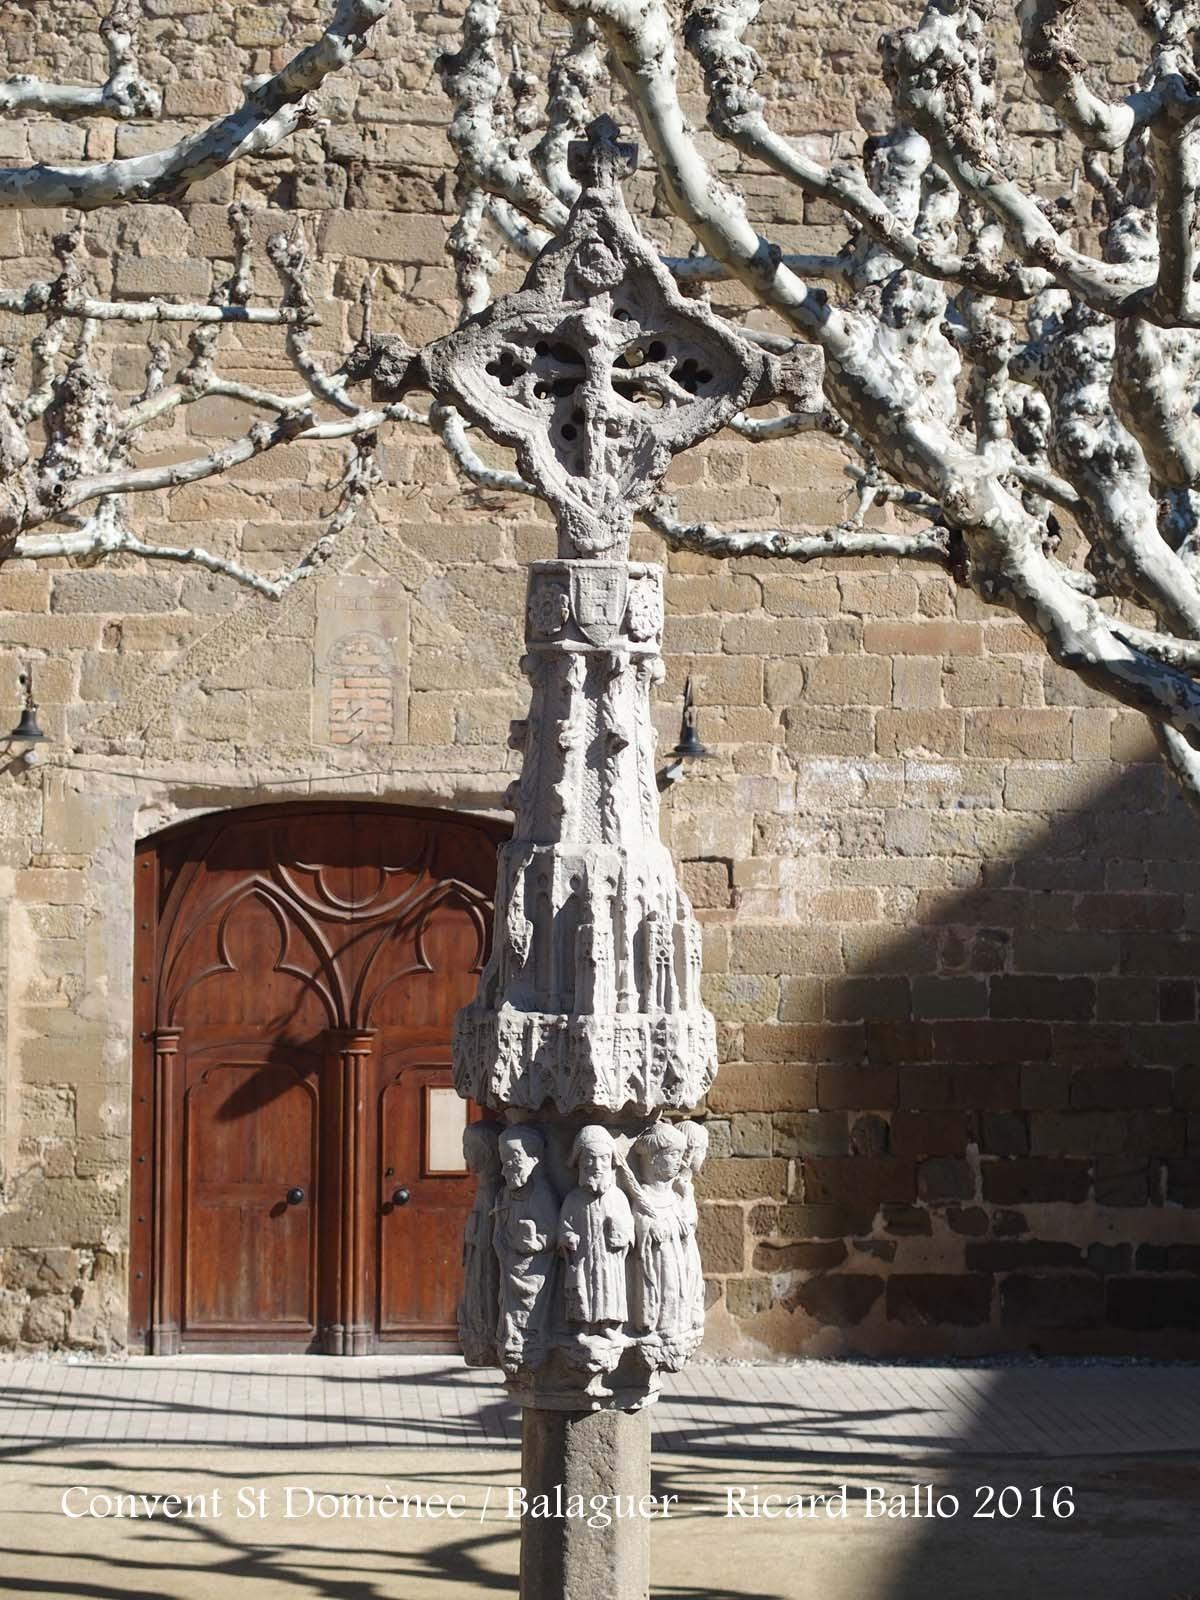 Convent de Sant Domènec – Balaguer - Creu de terme